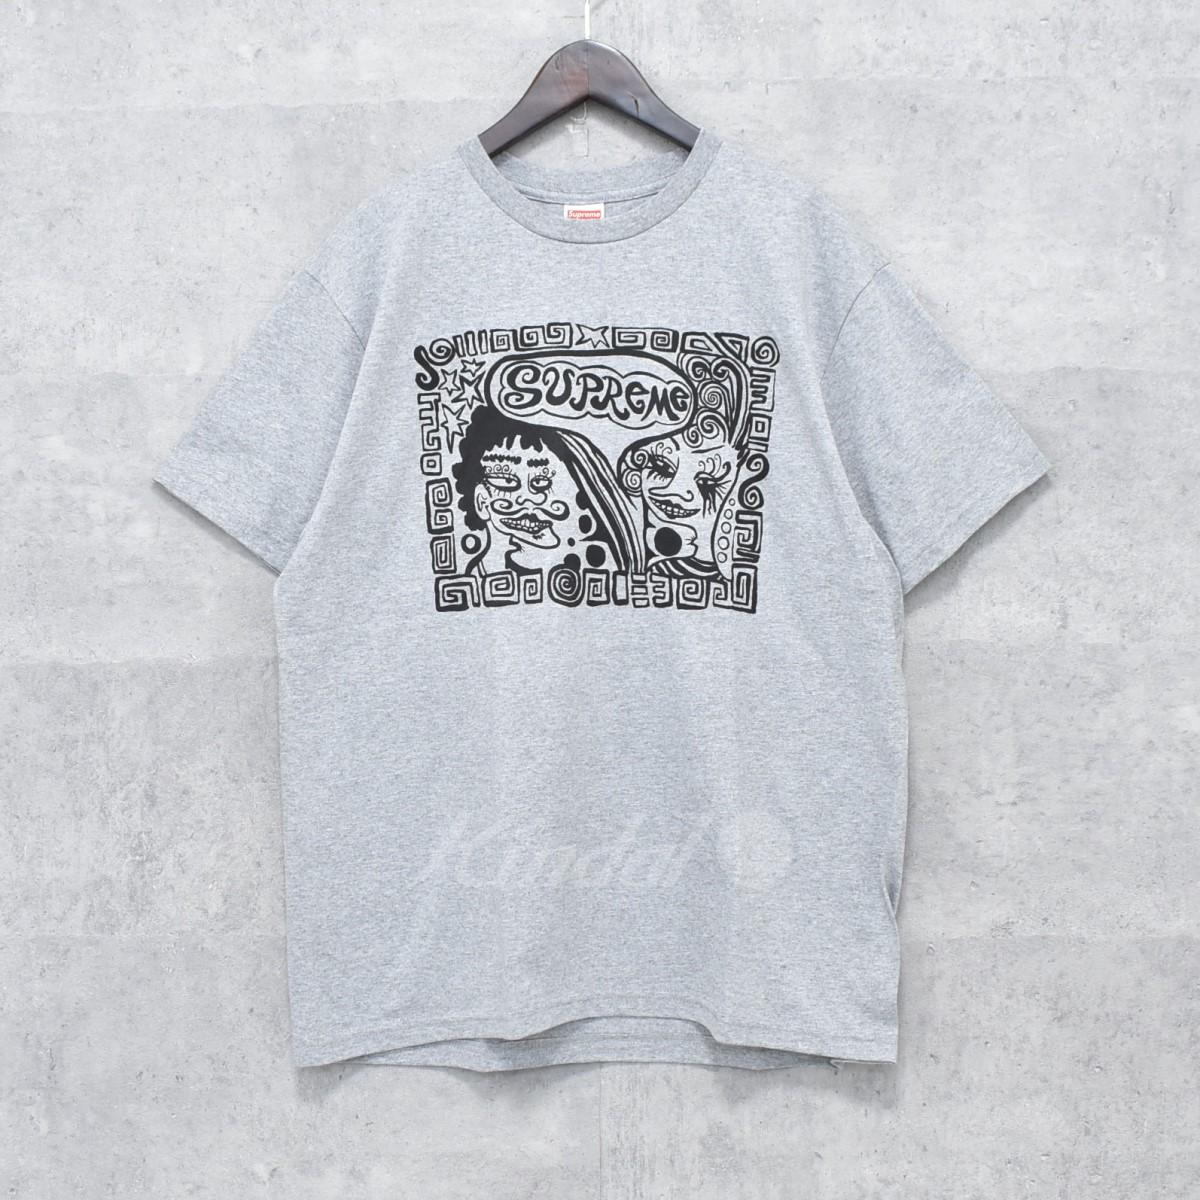 【中古】SUPREME 18AW Faces Tee プリントTシャツ グレー サイズ:M 【送料無料】 【251018】(シュプリーム)